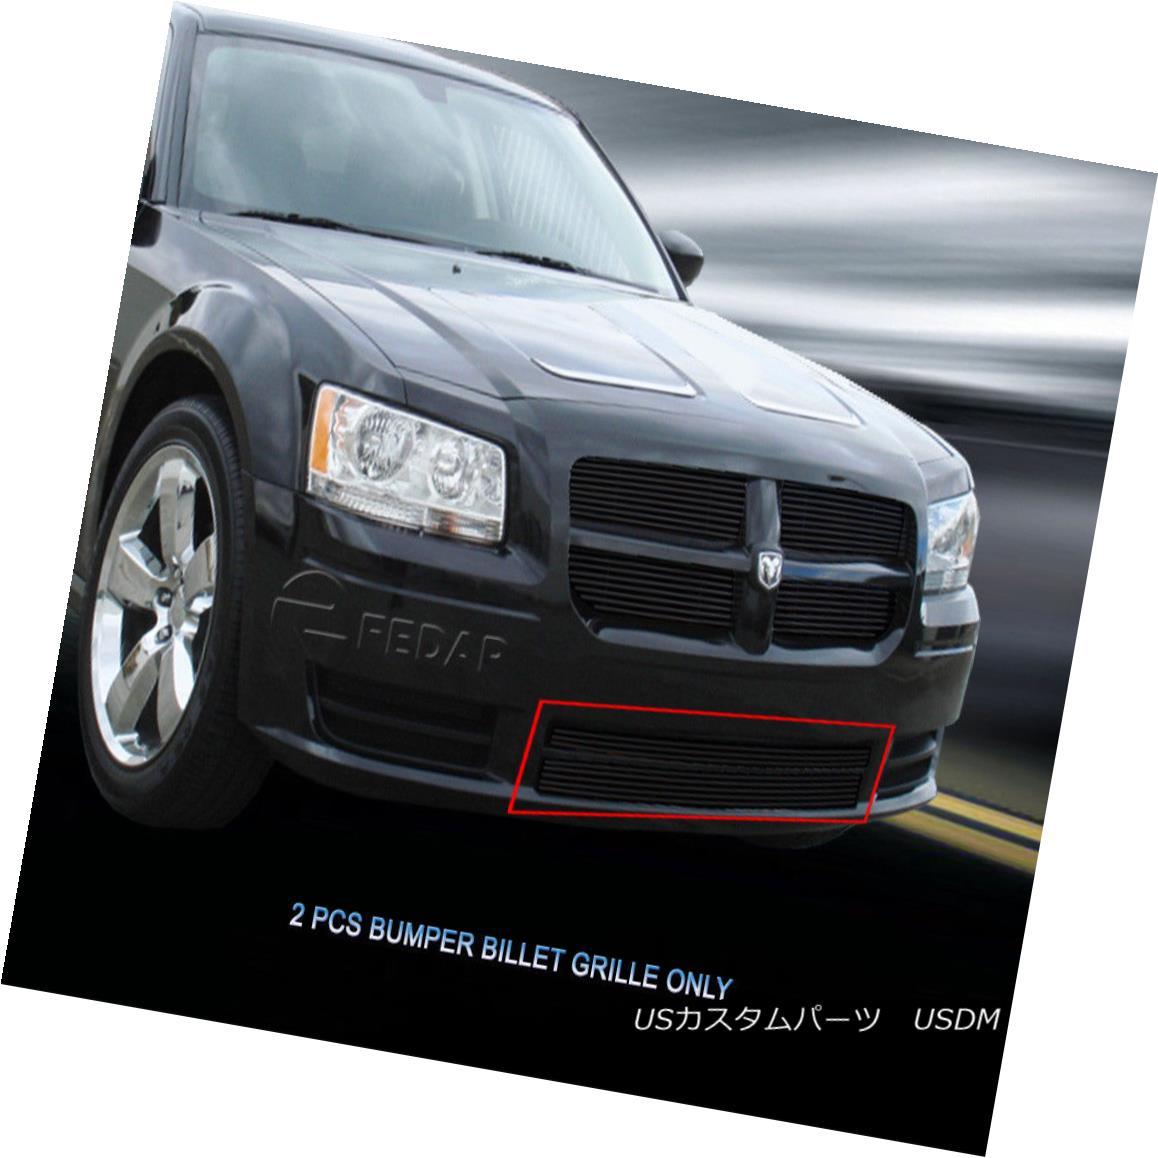 グリル 2008-2010 Dodge Magnum Black Billet Grille Bumper Grill Insert Fedar 2008-2010ダッジマグナムブラックビレットグリルバンパーグリルインサートフェルダ